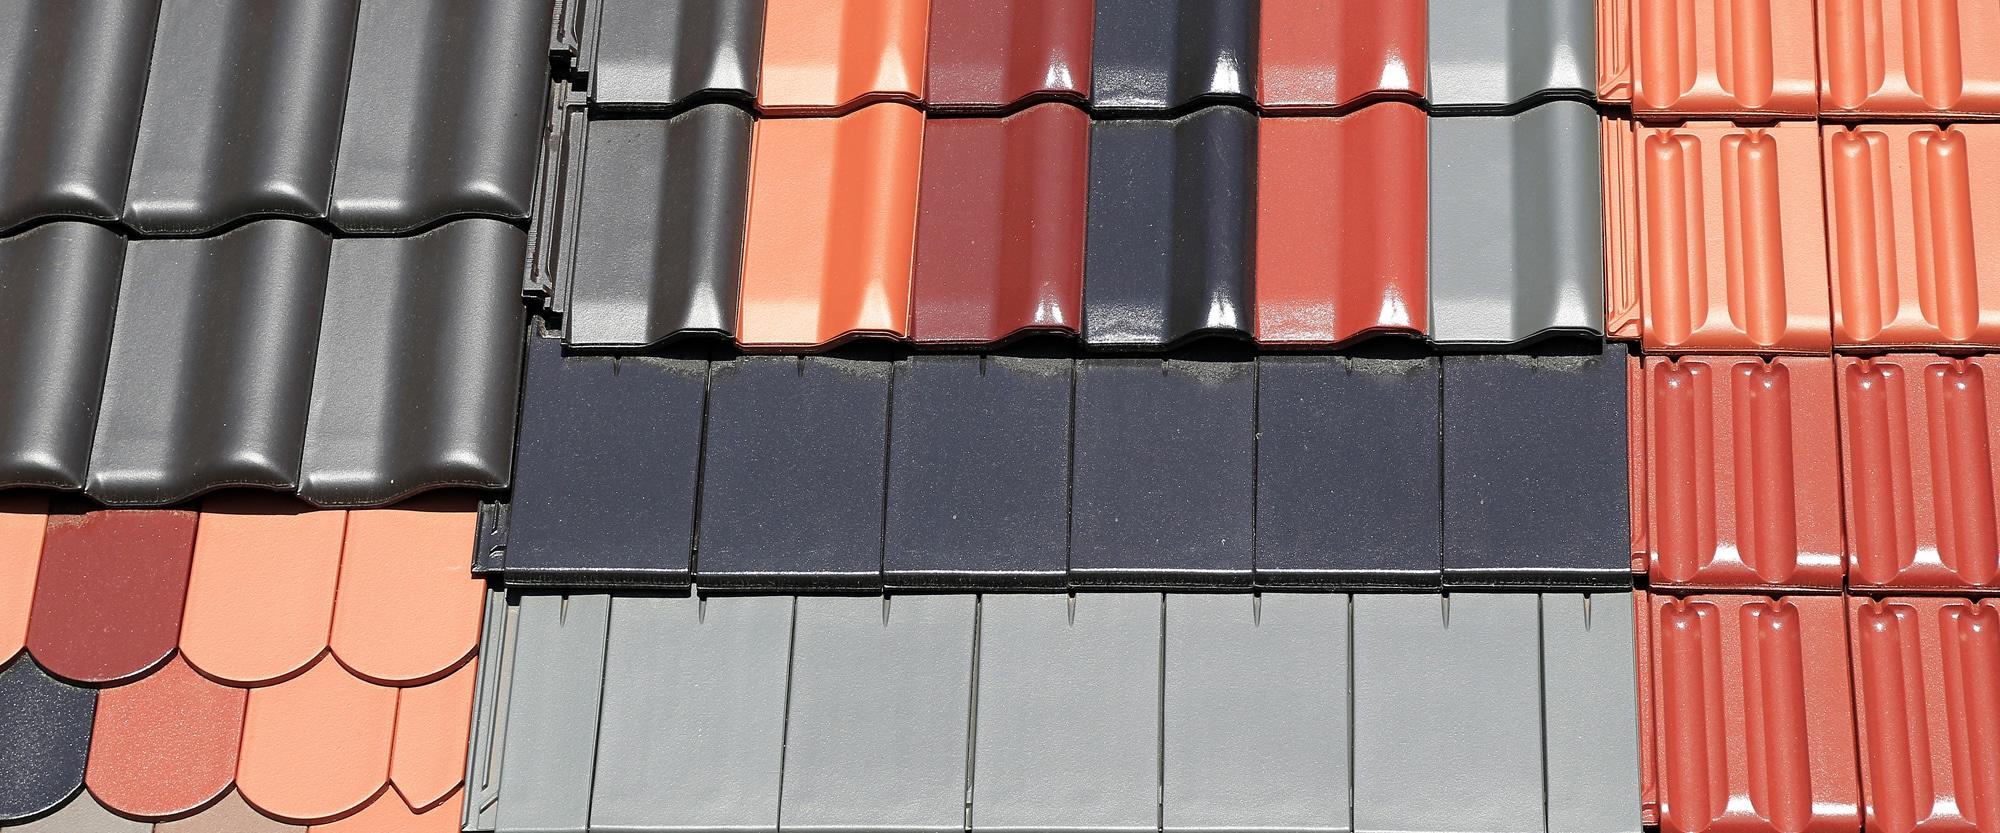 Verblender, Pflastersteine, Dachziegeln